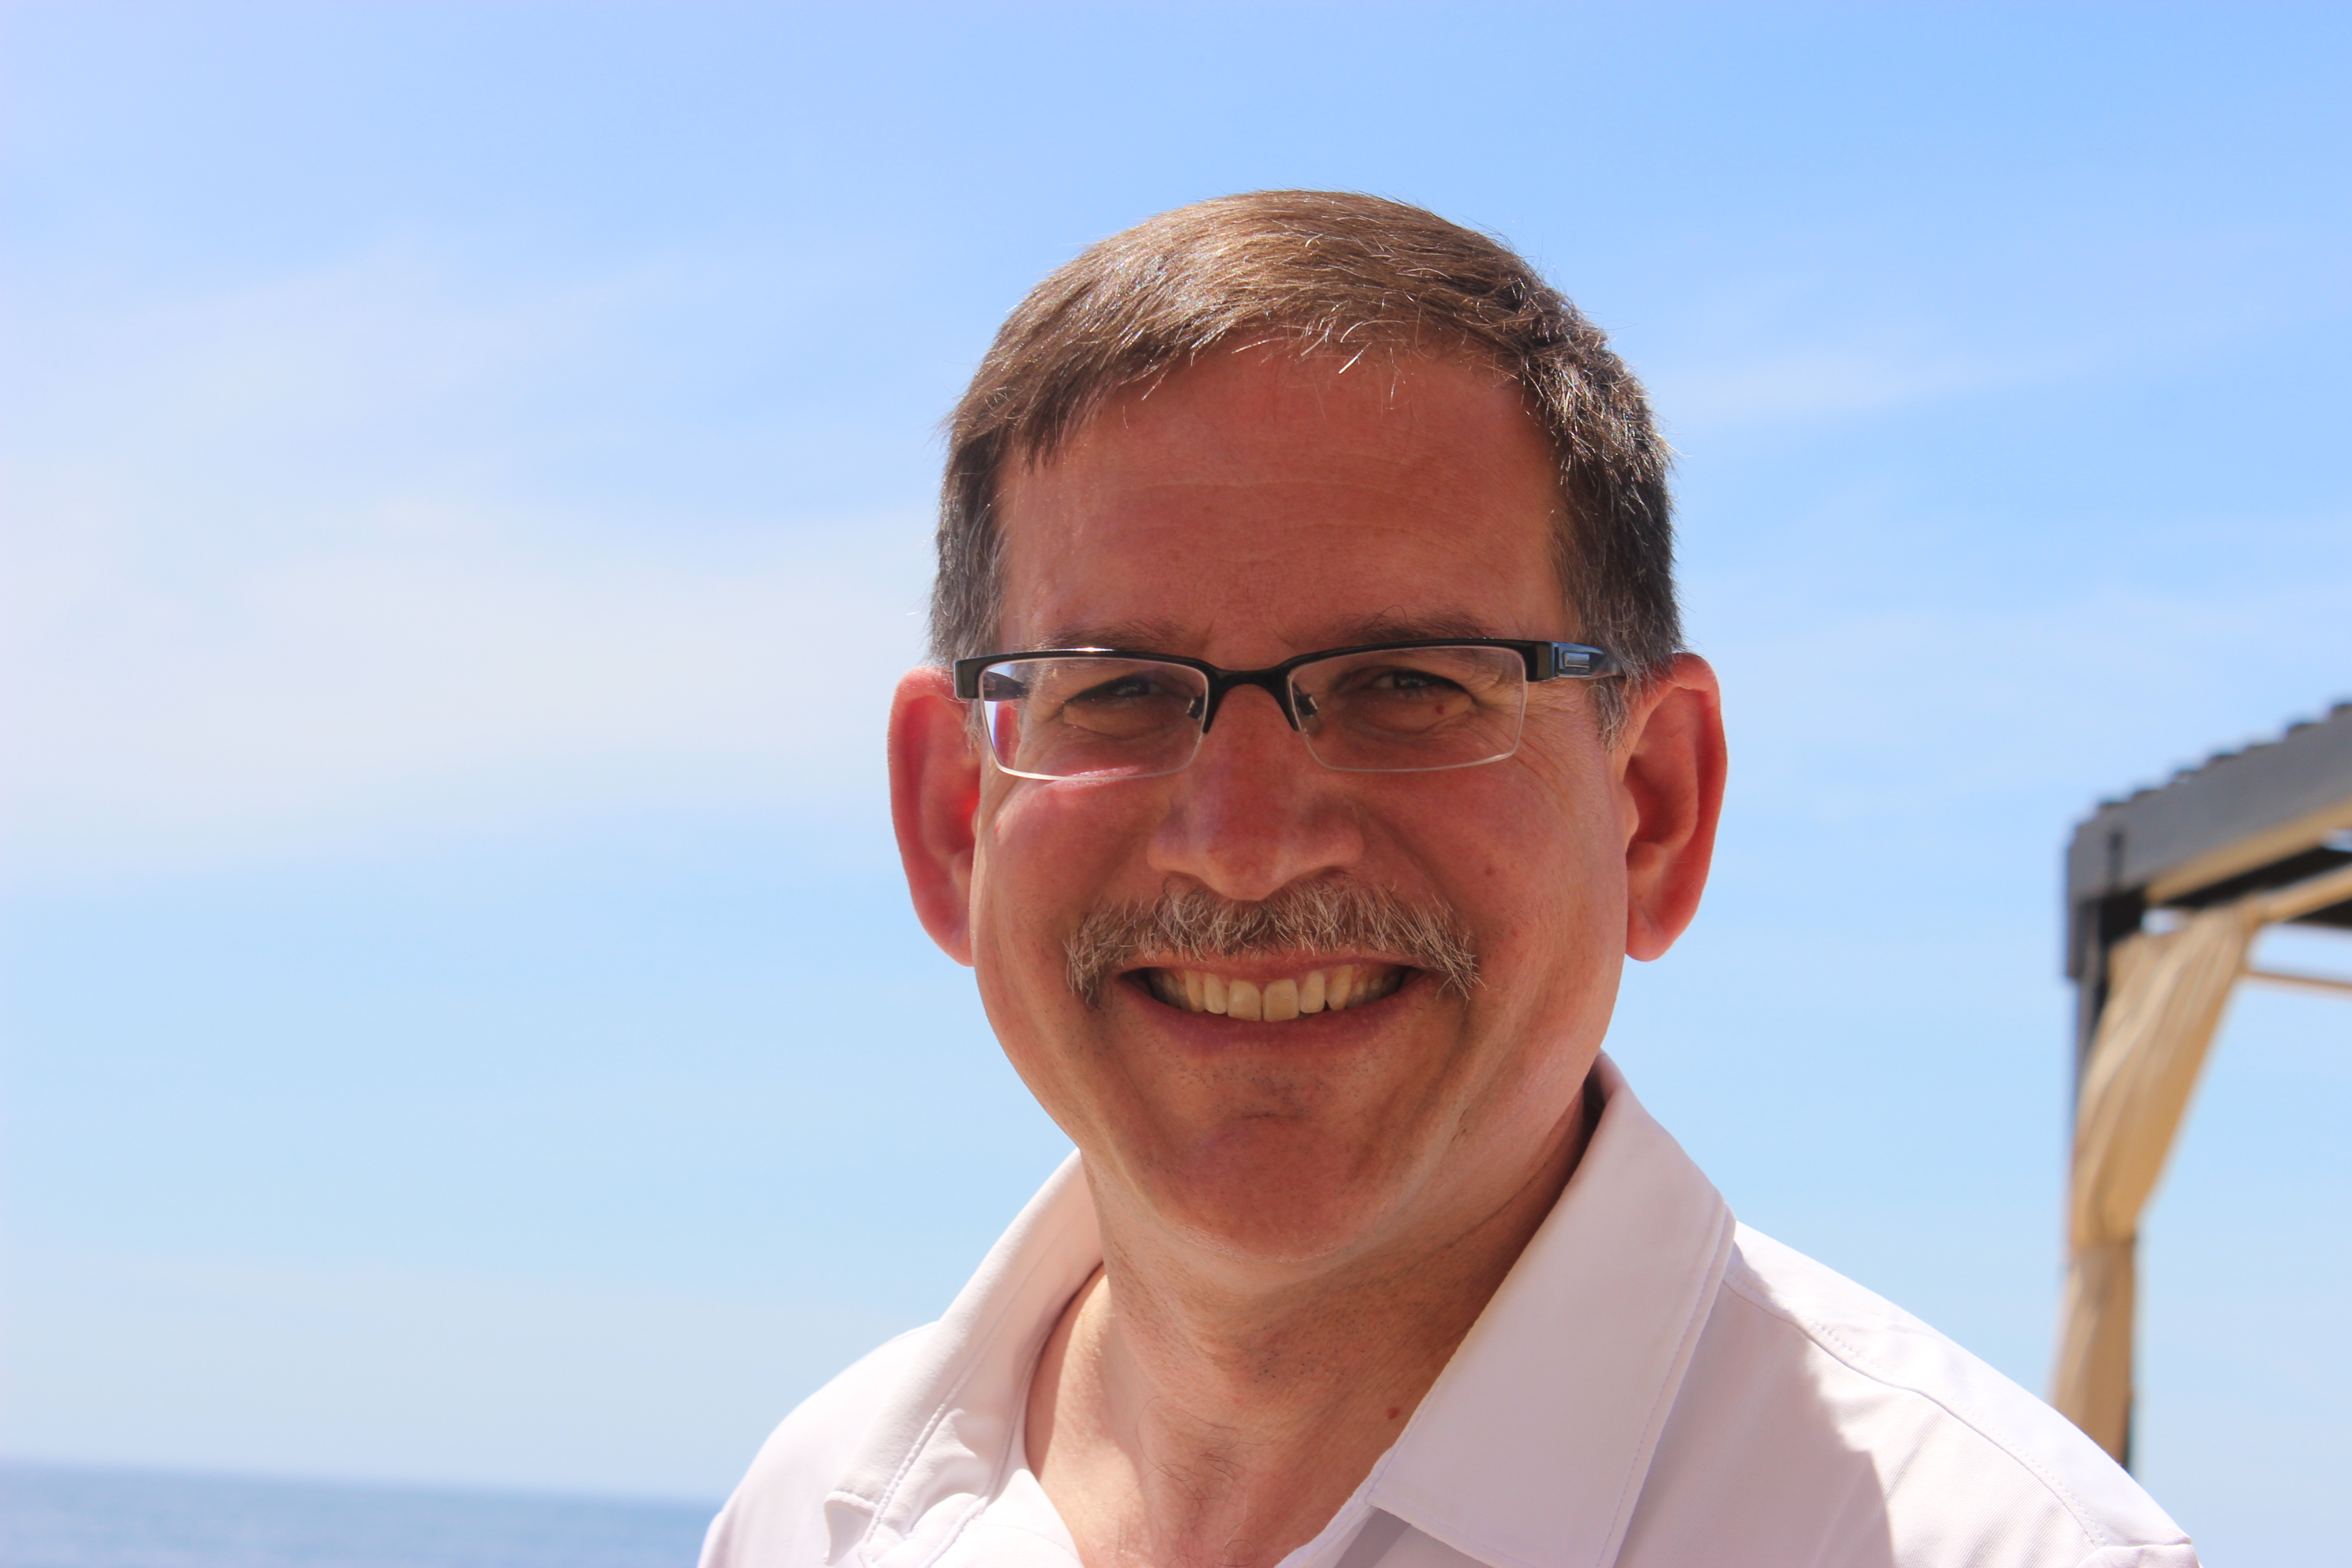 Dr. Robert Hauptman